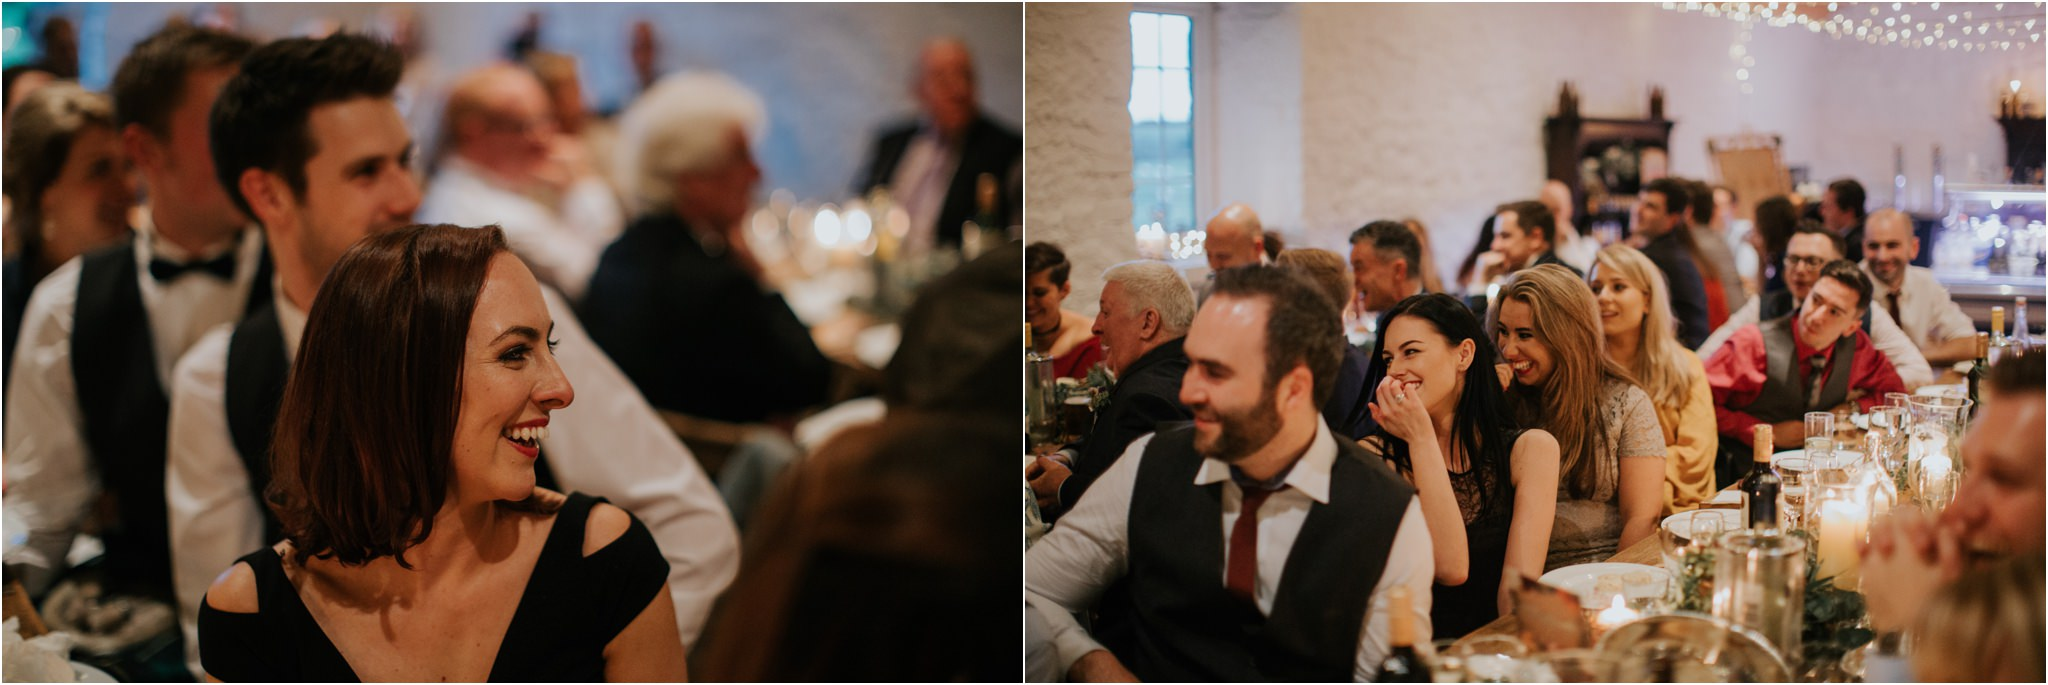 Photography 78 - Glasgow Wedding Photographer - Pete & Eilidh - Dalduff Farm_0086.jpg